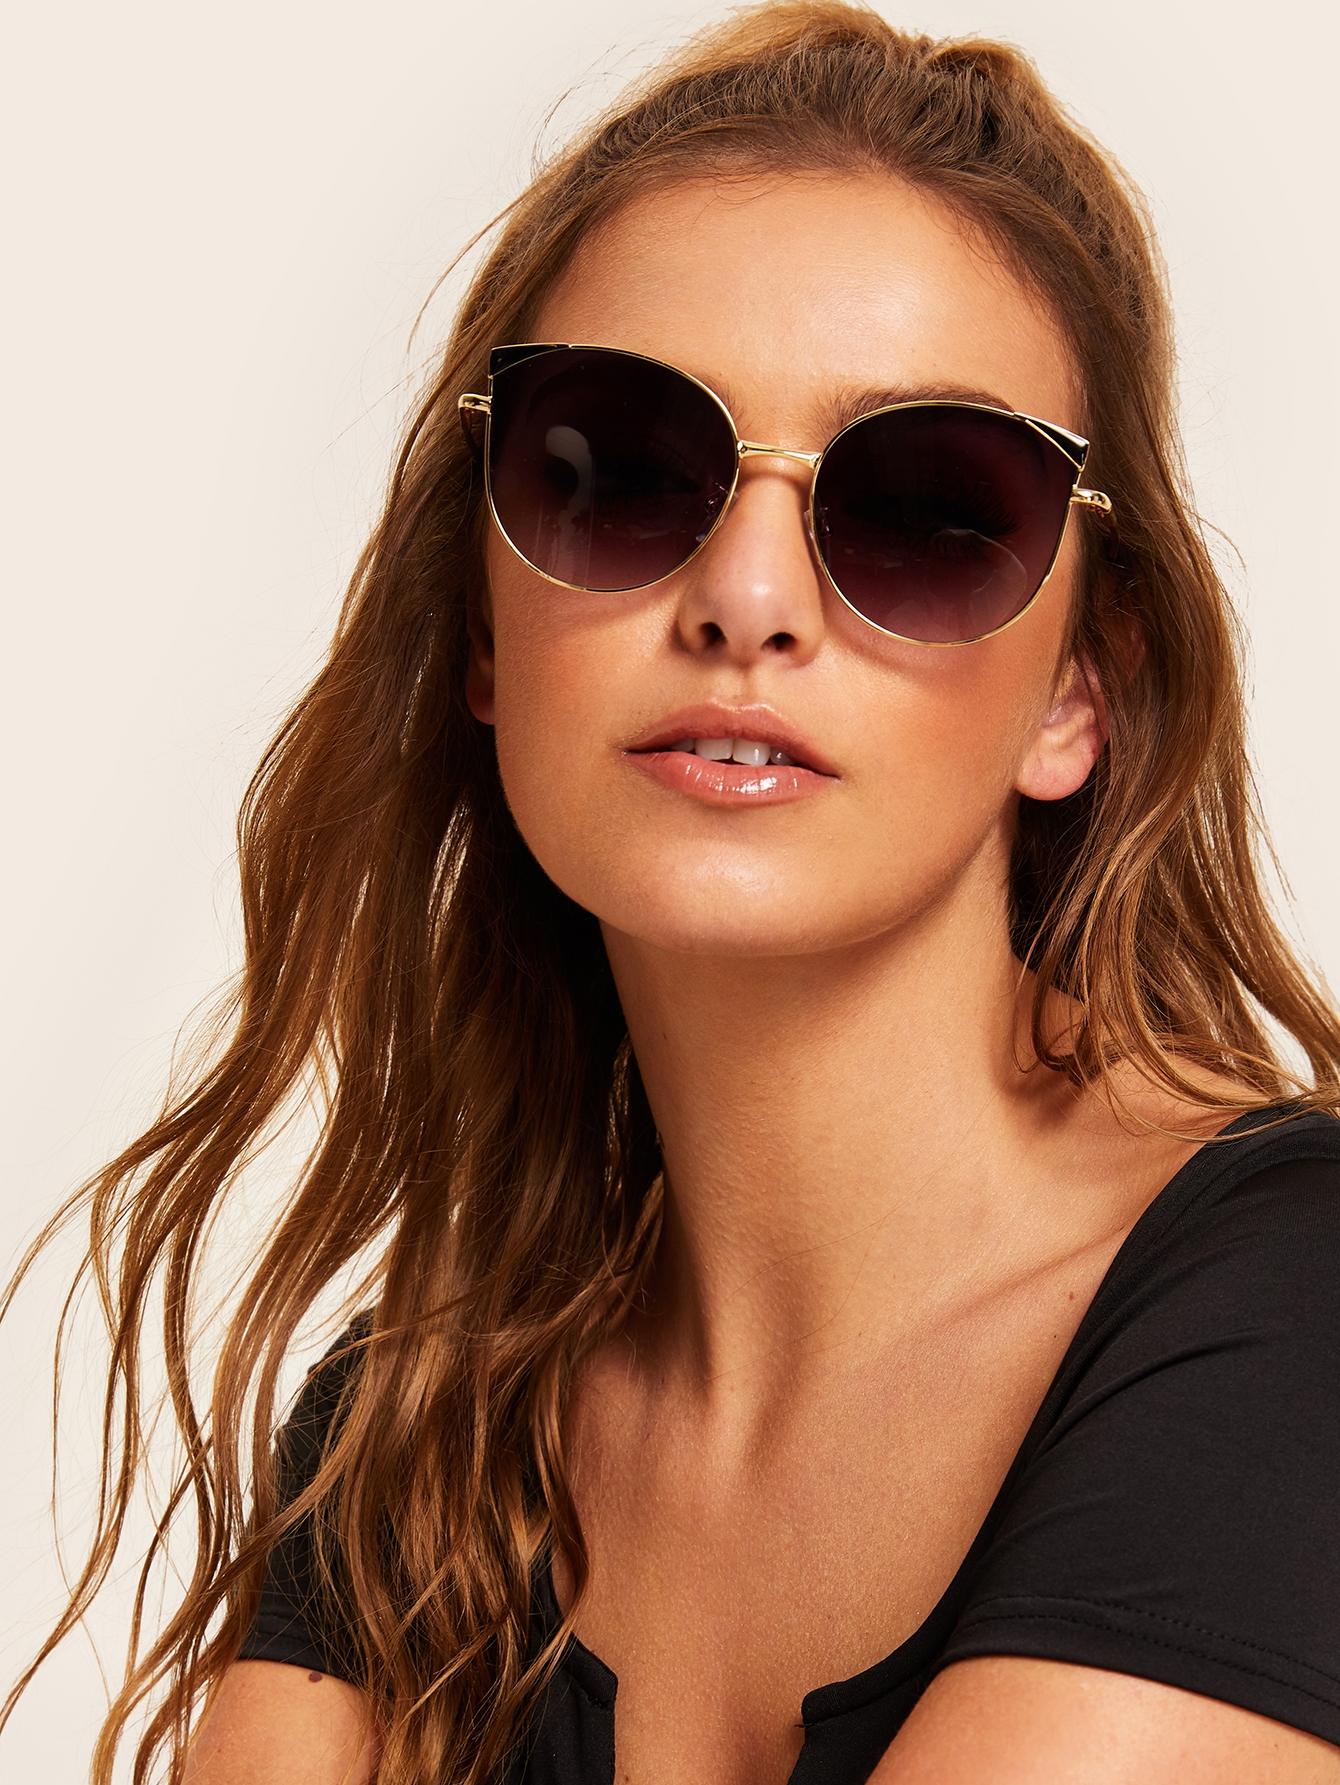 Фото - Солнцезащитные очки с металлической рамкой от SheIn цвет черные